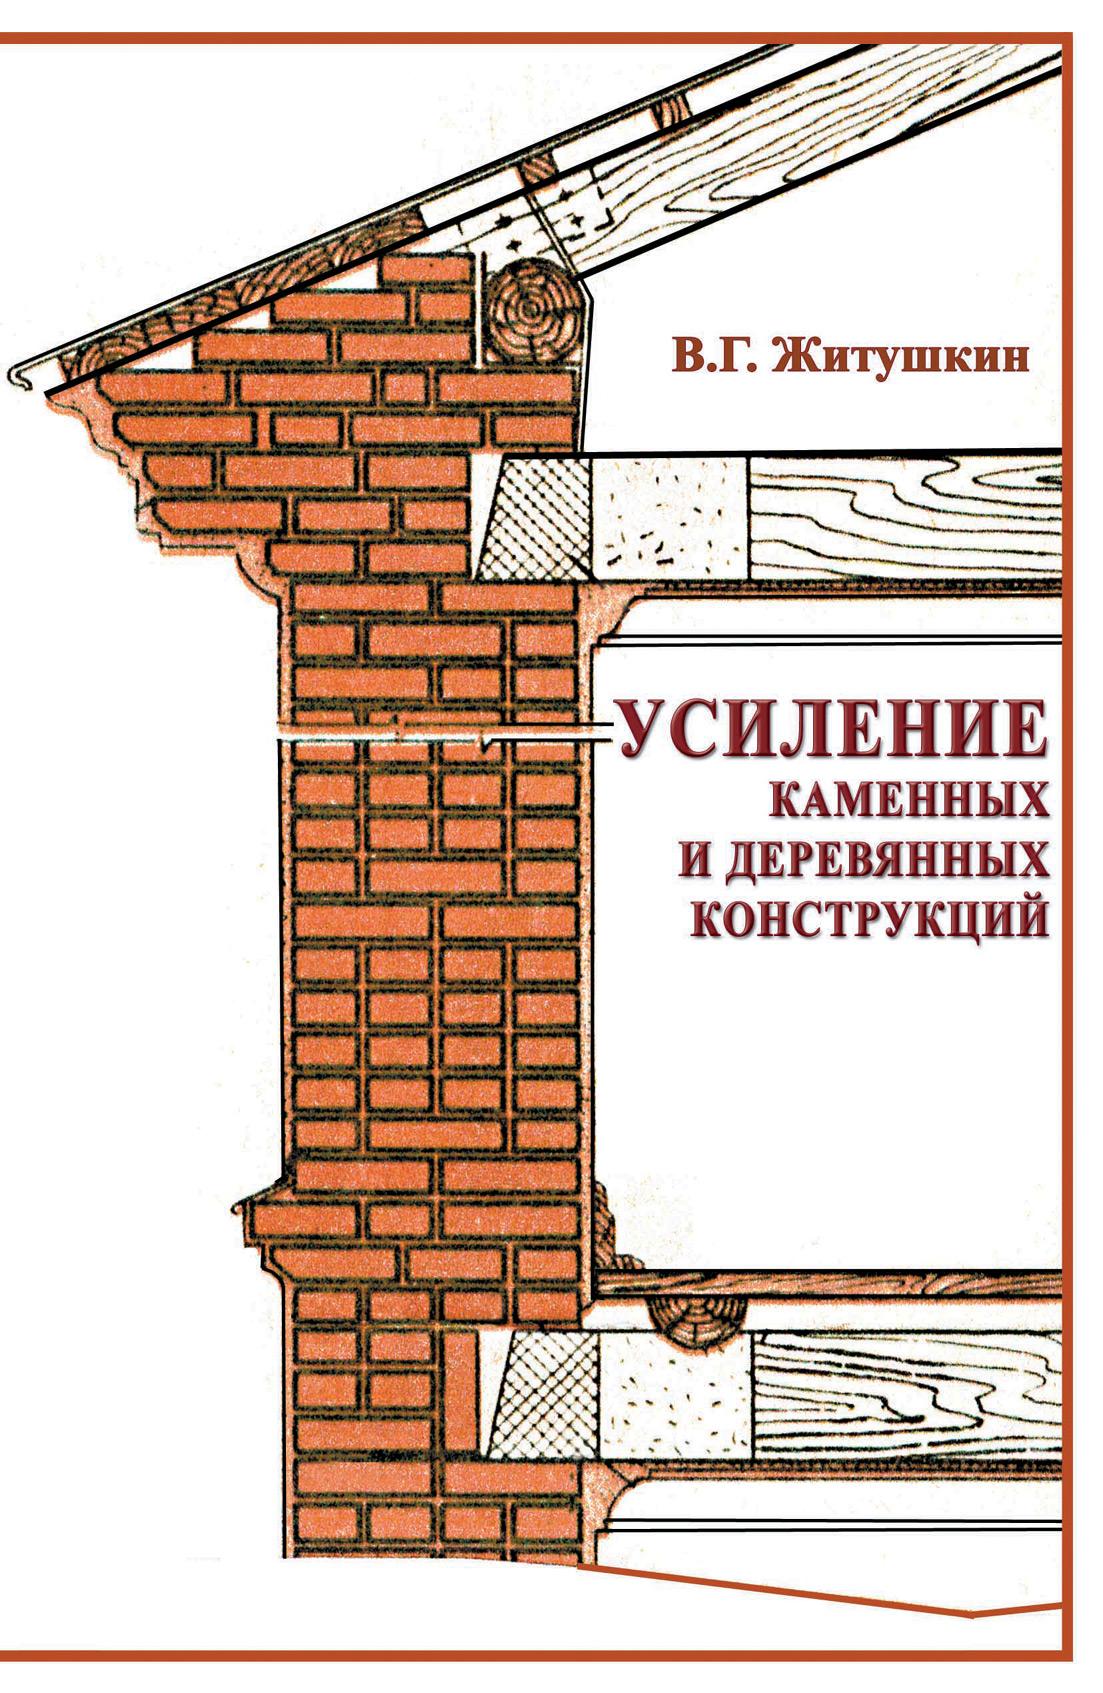 В. Г. Житушкин Усиление каменных и деревянных конструкций